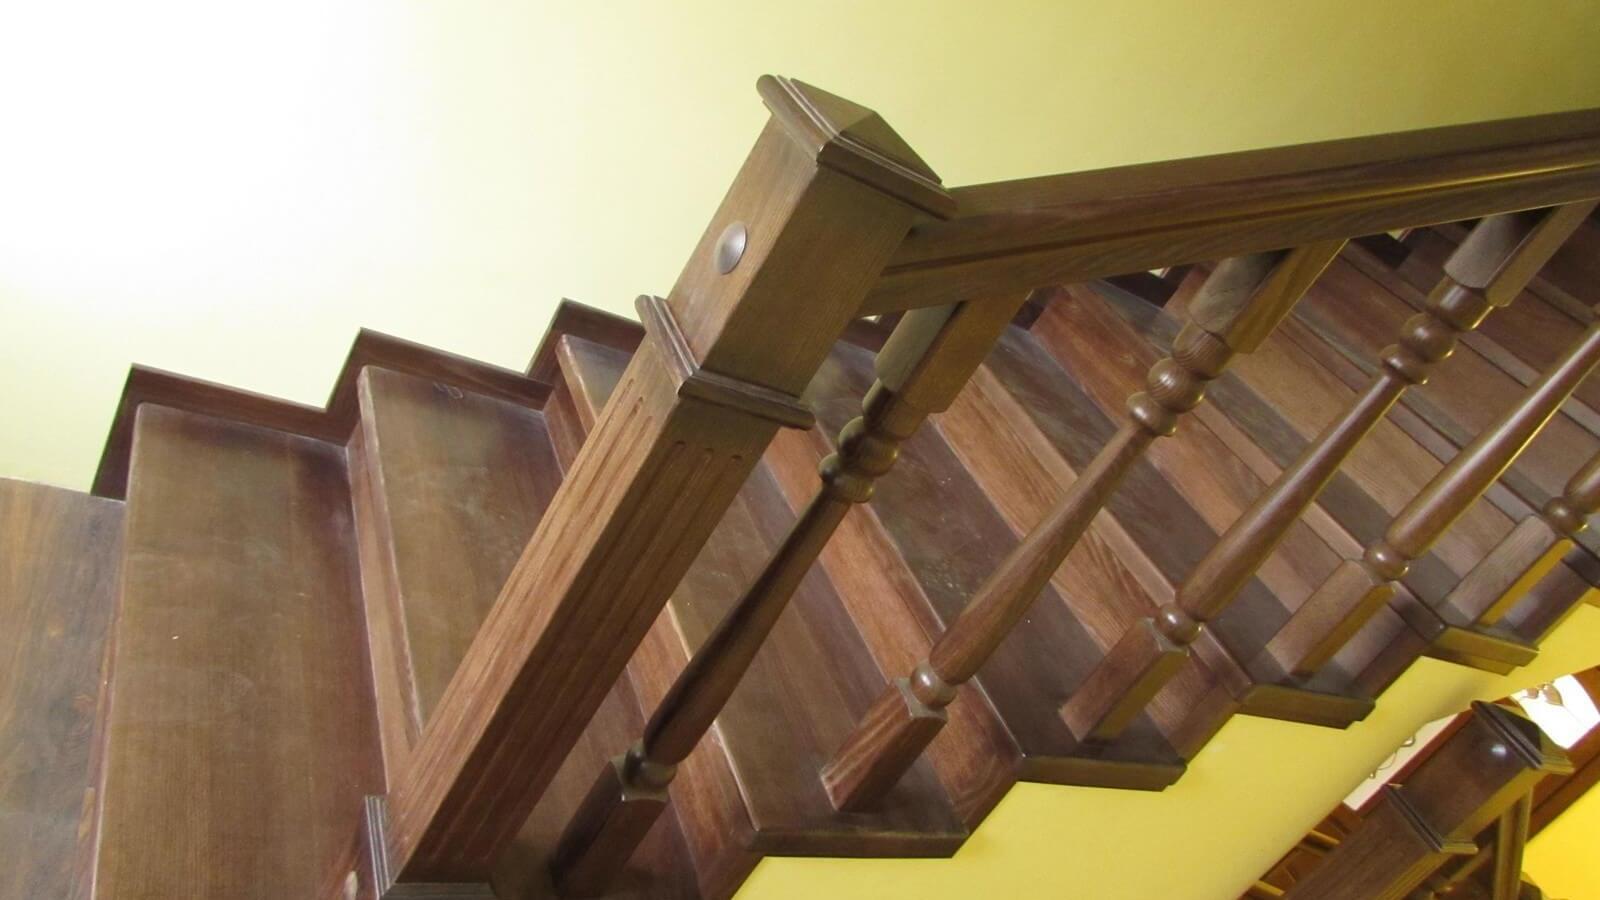 Лестницы с прямым маршем (фото лестницы)